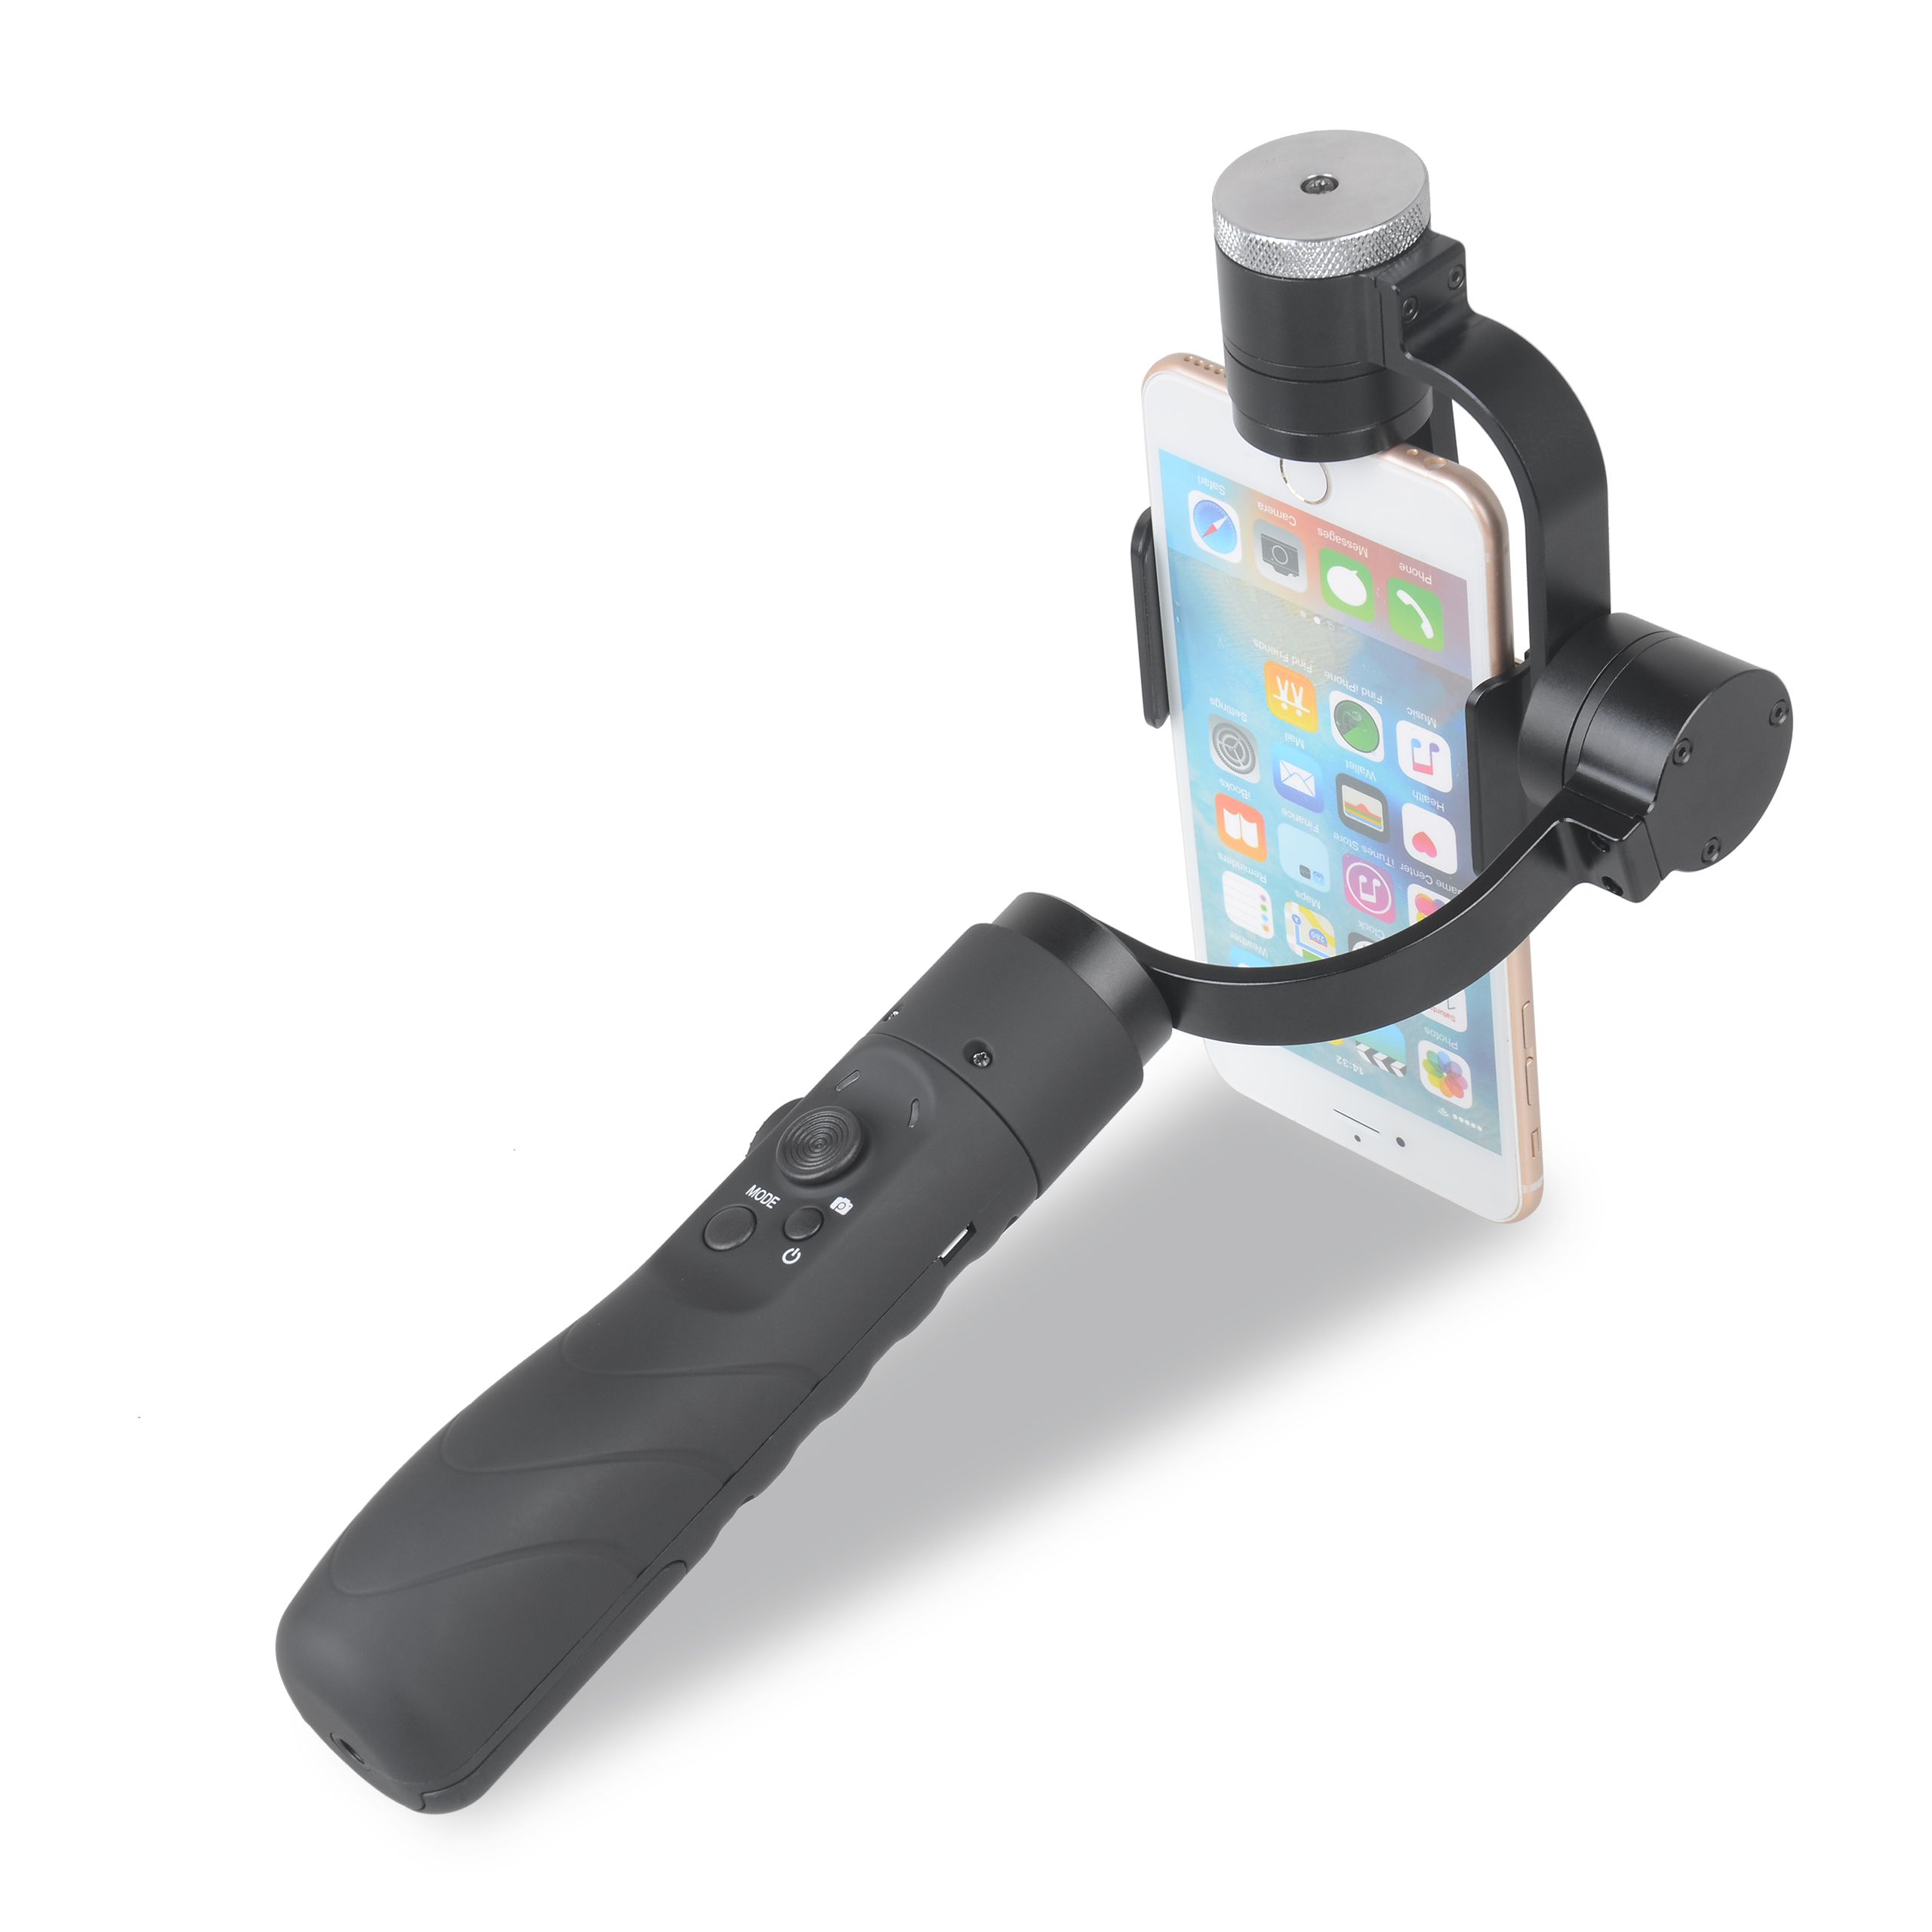 AFI V3 Caméra De Poche Stabilisateur Mobile Téléphone Triaxial Support Cardan Autodyne Gyroscope Soutien Direct pour GOPRO Gitup iPhone